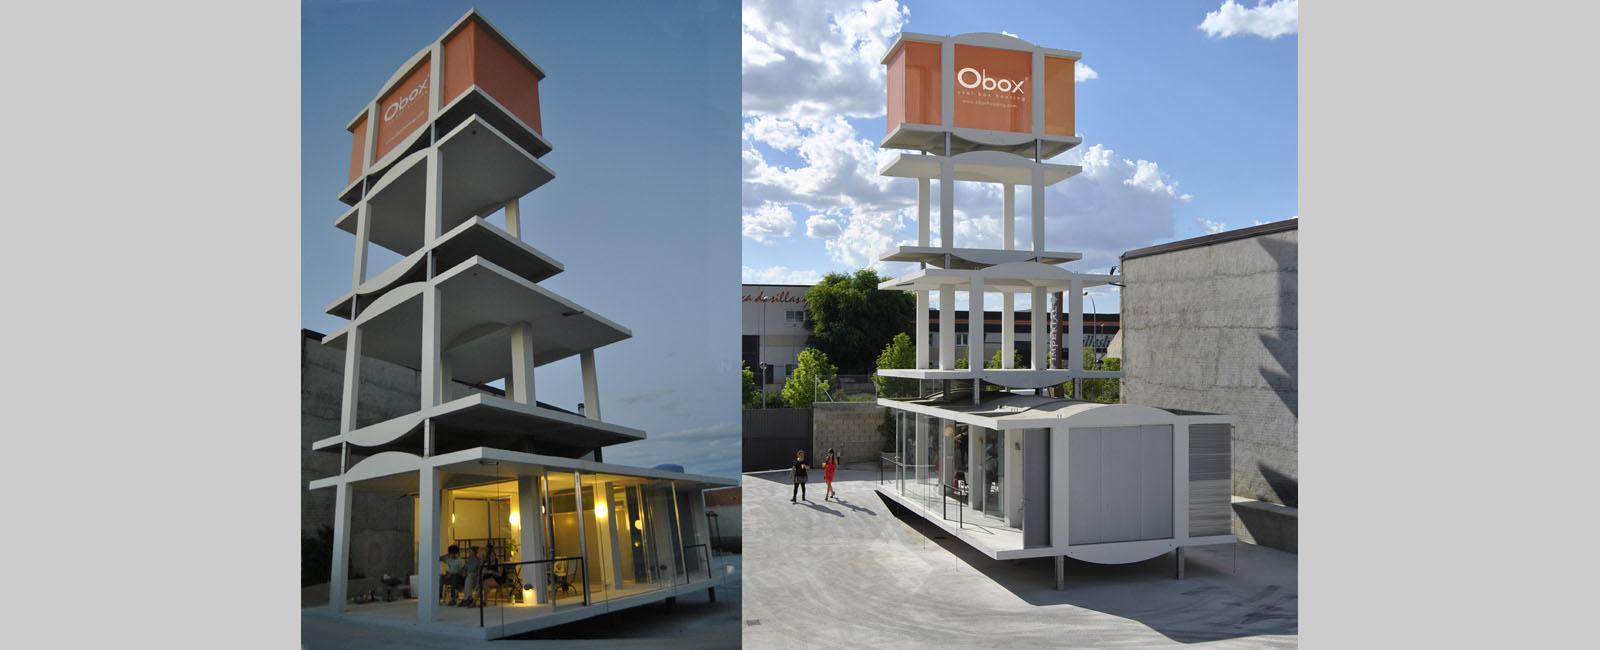 Casas prefabricadas de hormigon originales obox housing - Precio casa prefabricada hormigon ...